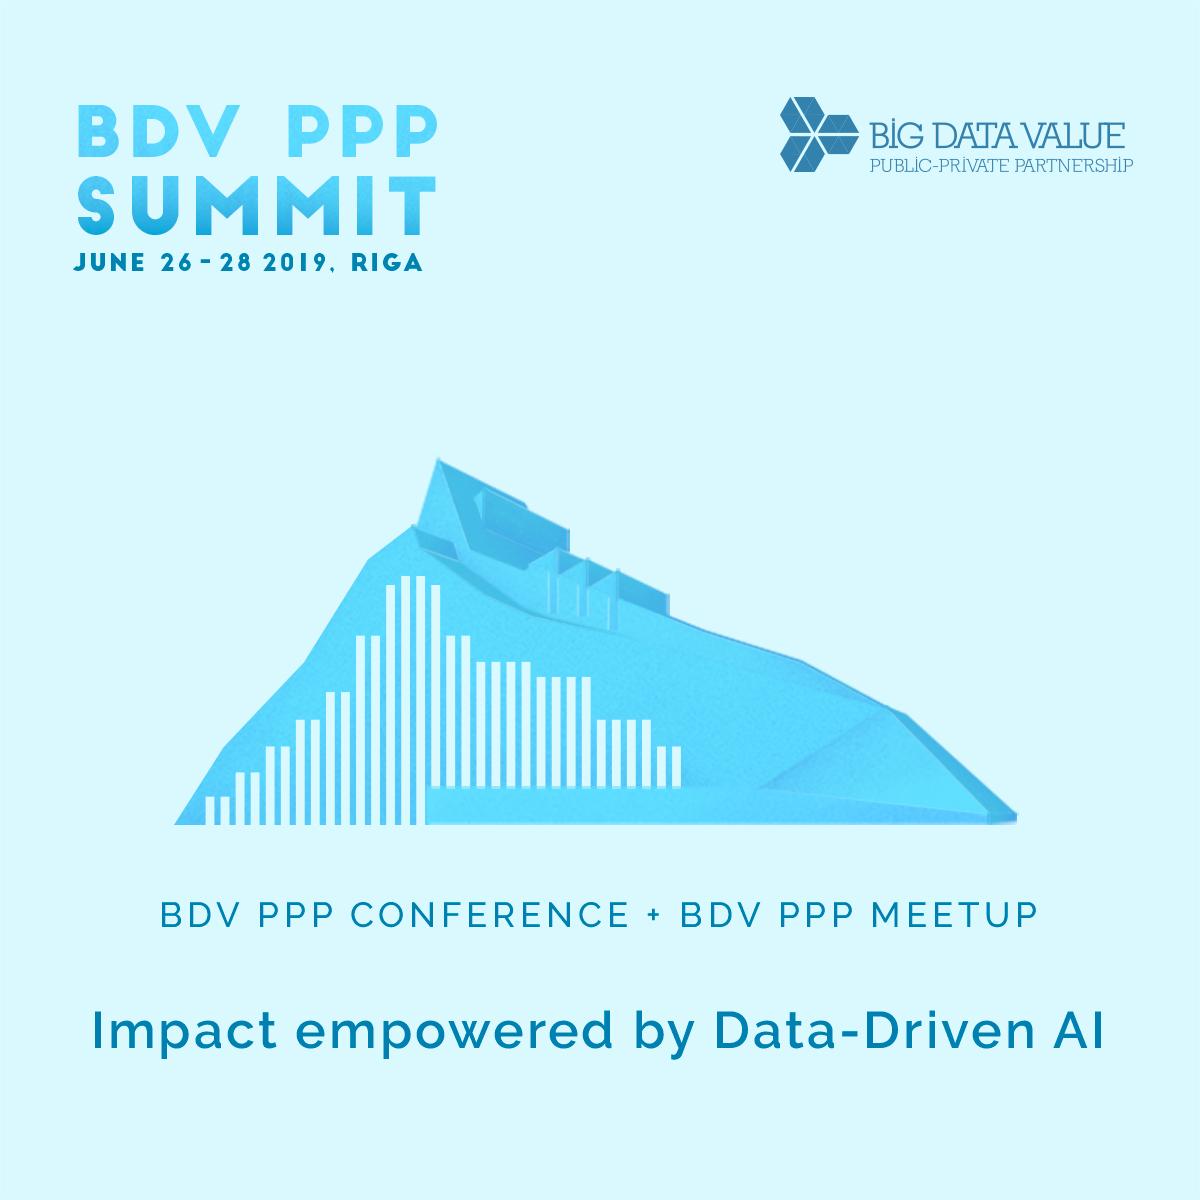 Rygoje vyksianti didžiųjų duomenų konferencija paklos pamatus Europos lyderystei dirbtinio intelekto srityje